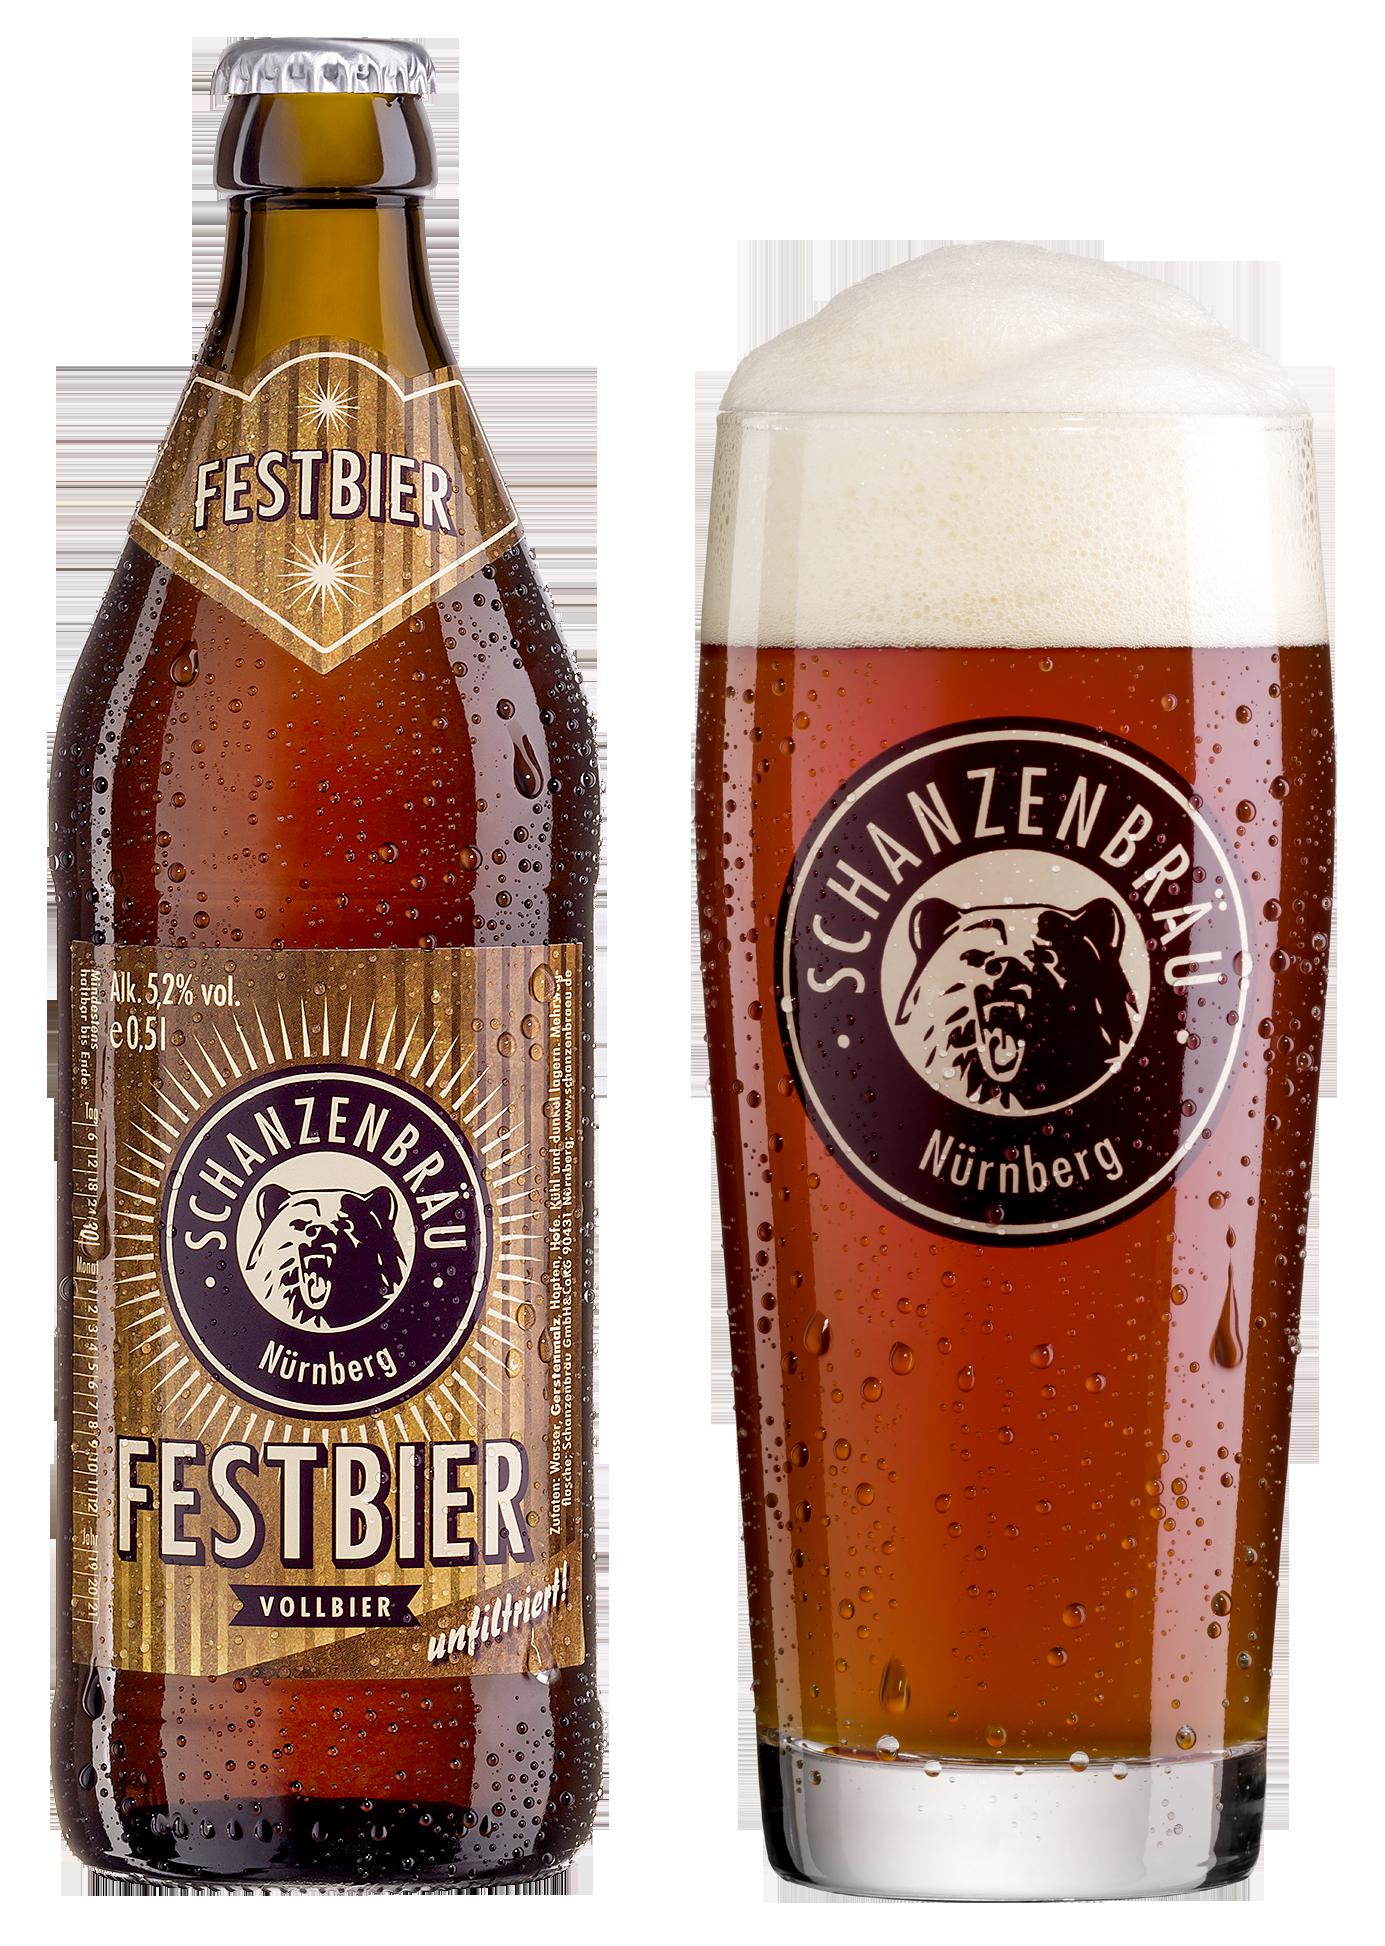 Festbier Brauerei Schanzenbräu Glas und Flasche